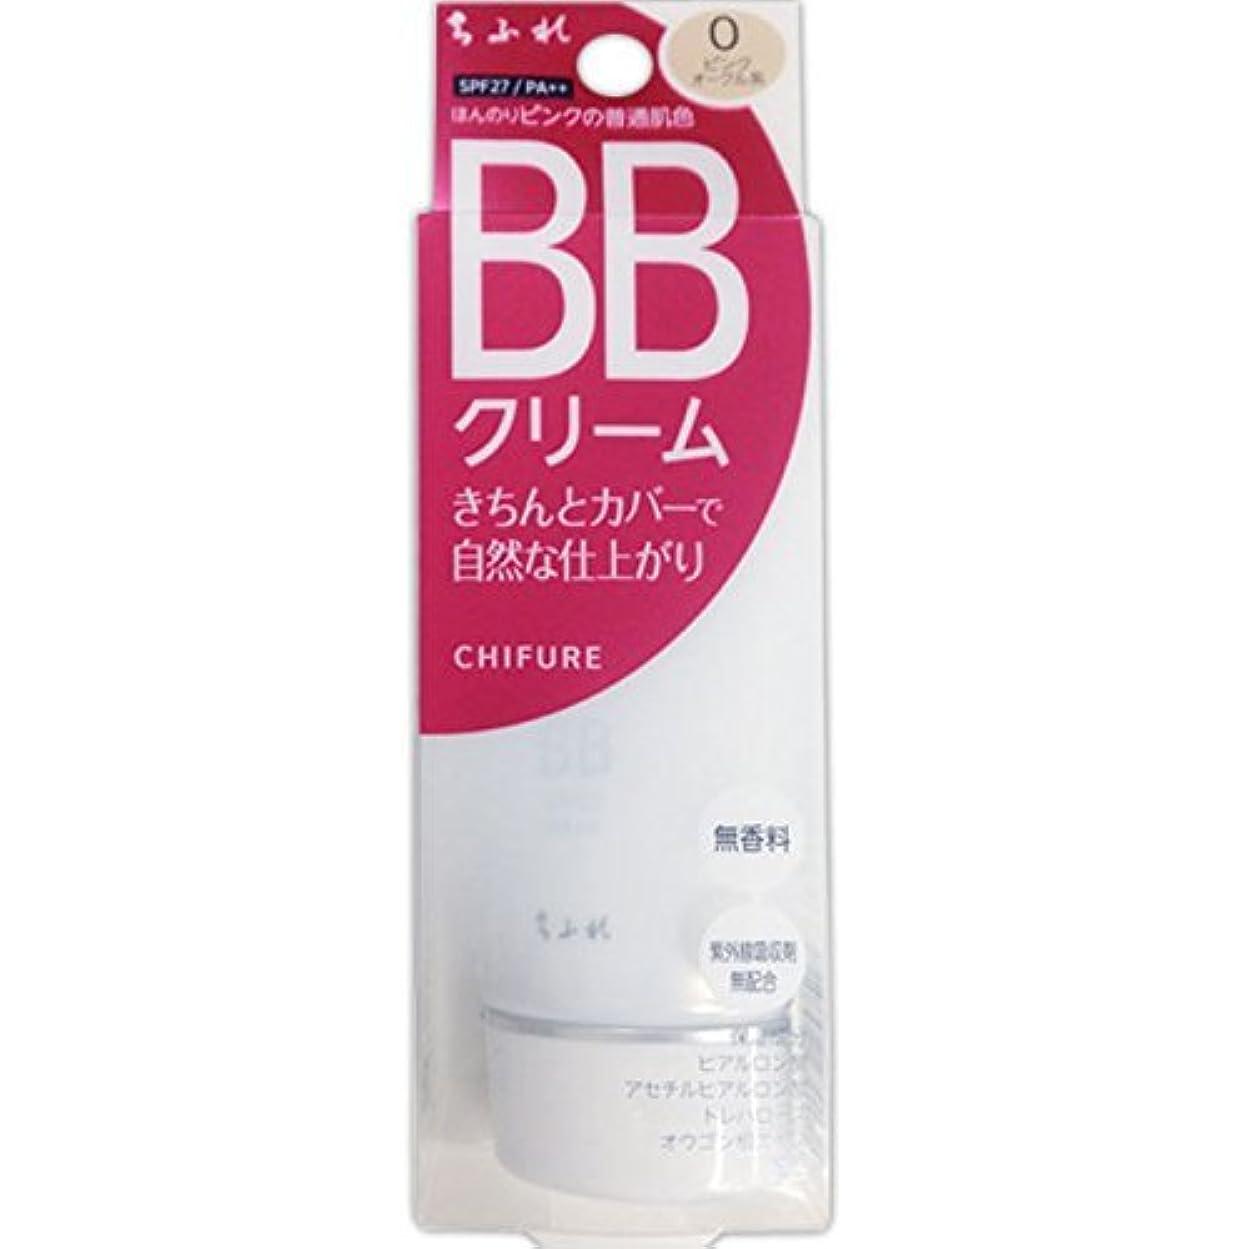 フェデレーションからに変化する悪行ちふれ化粧品 BB クリーム ほんのりピンクの普通肌色 0